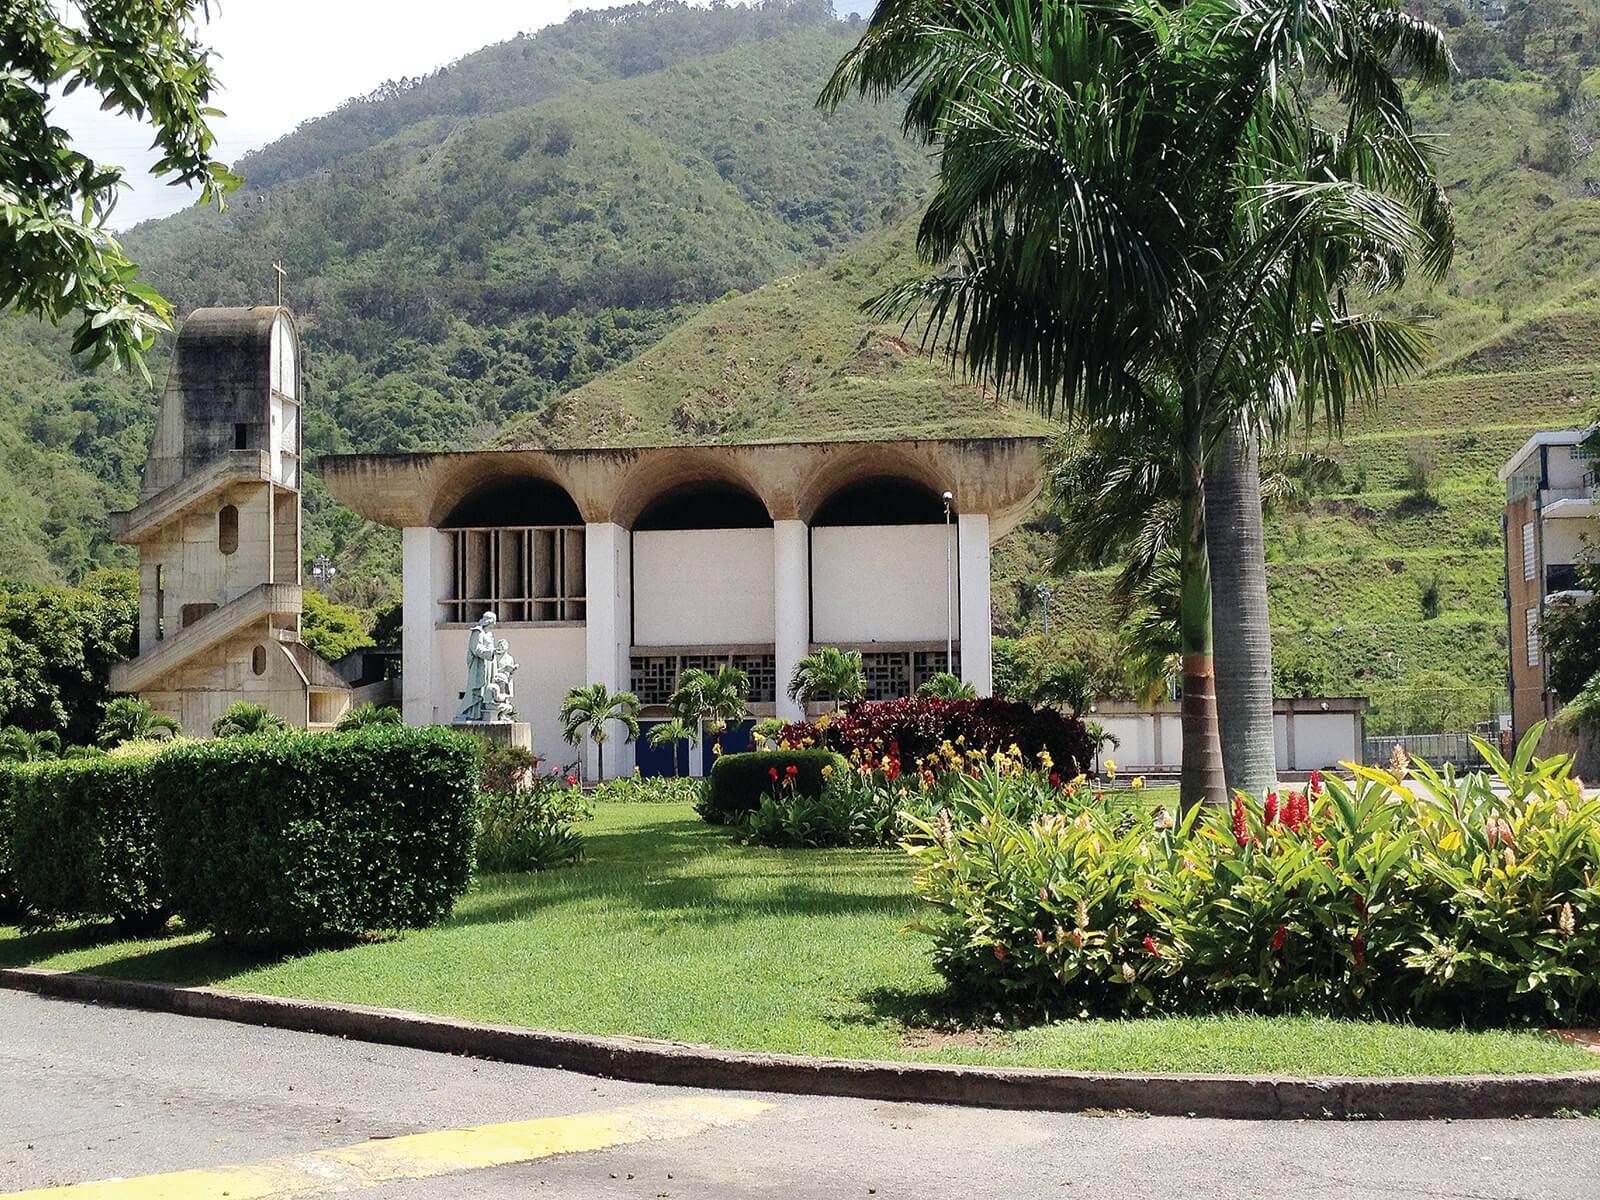 Iglesia colegio la salle de la colina caracas del valle for Cafetin colegio las colinas